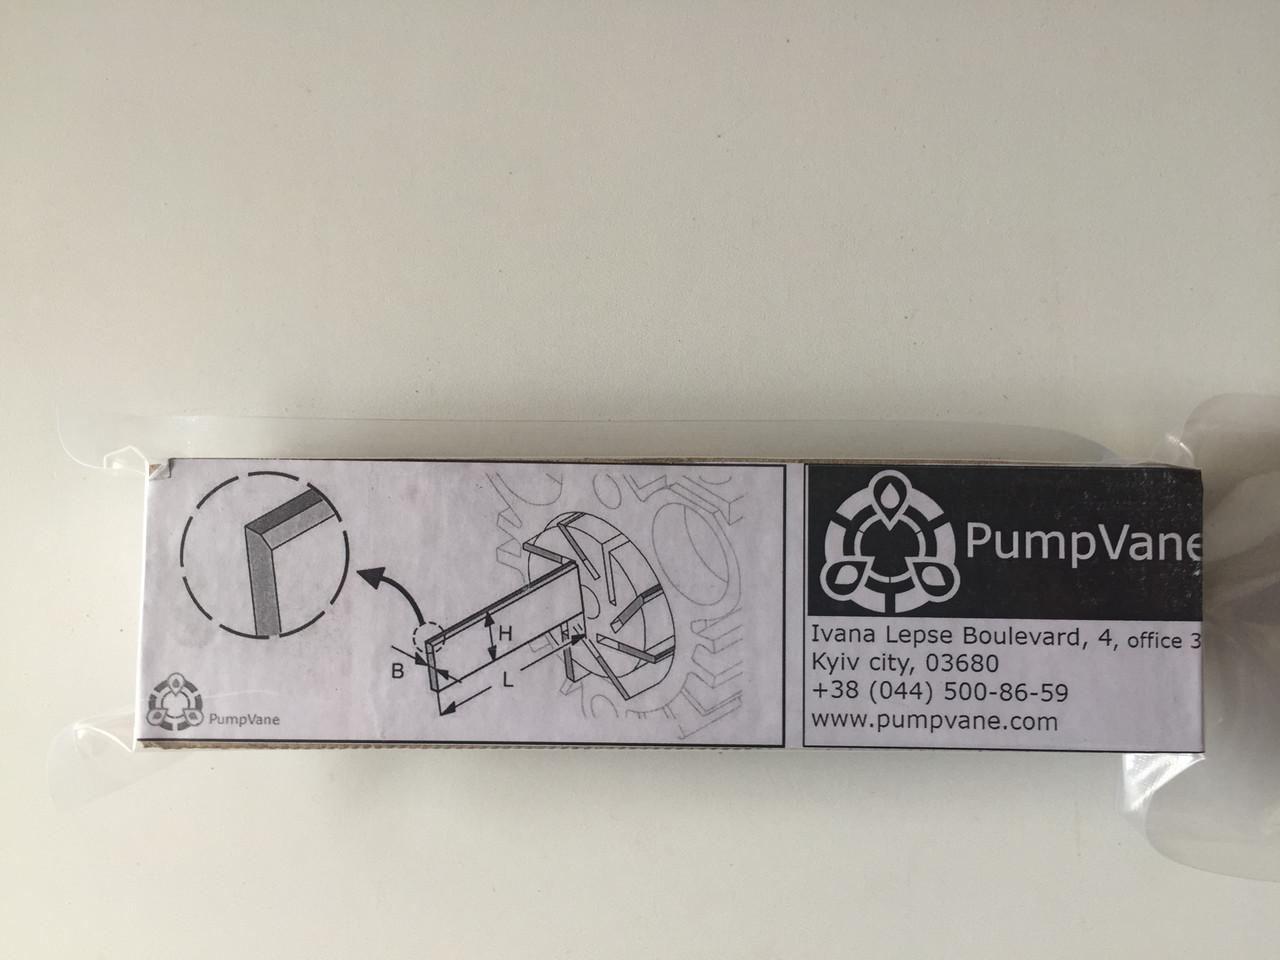 355*65*5 мм Лопатка графитовая для вакуумного насоса Беккер DTLF 250 SK 90136701005